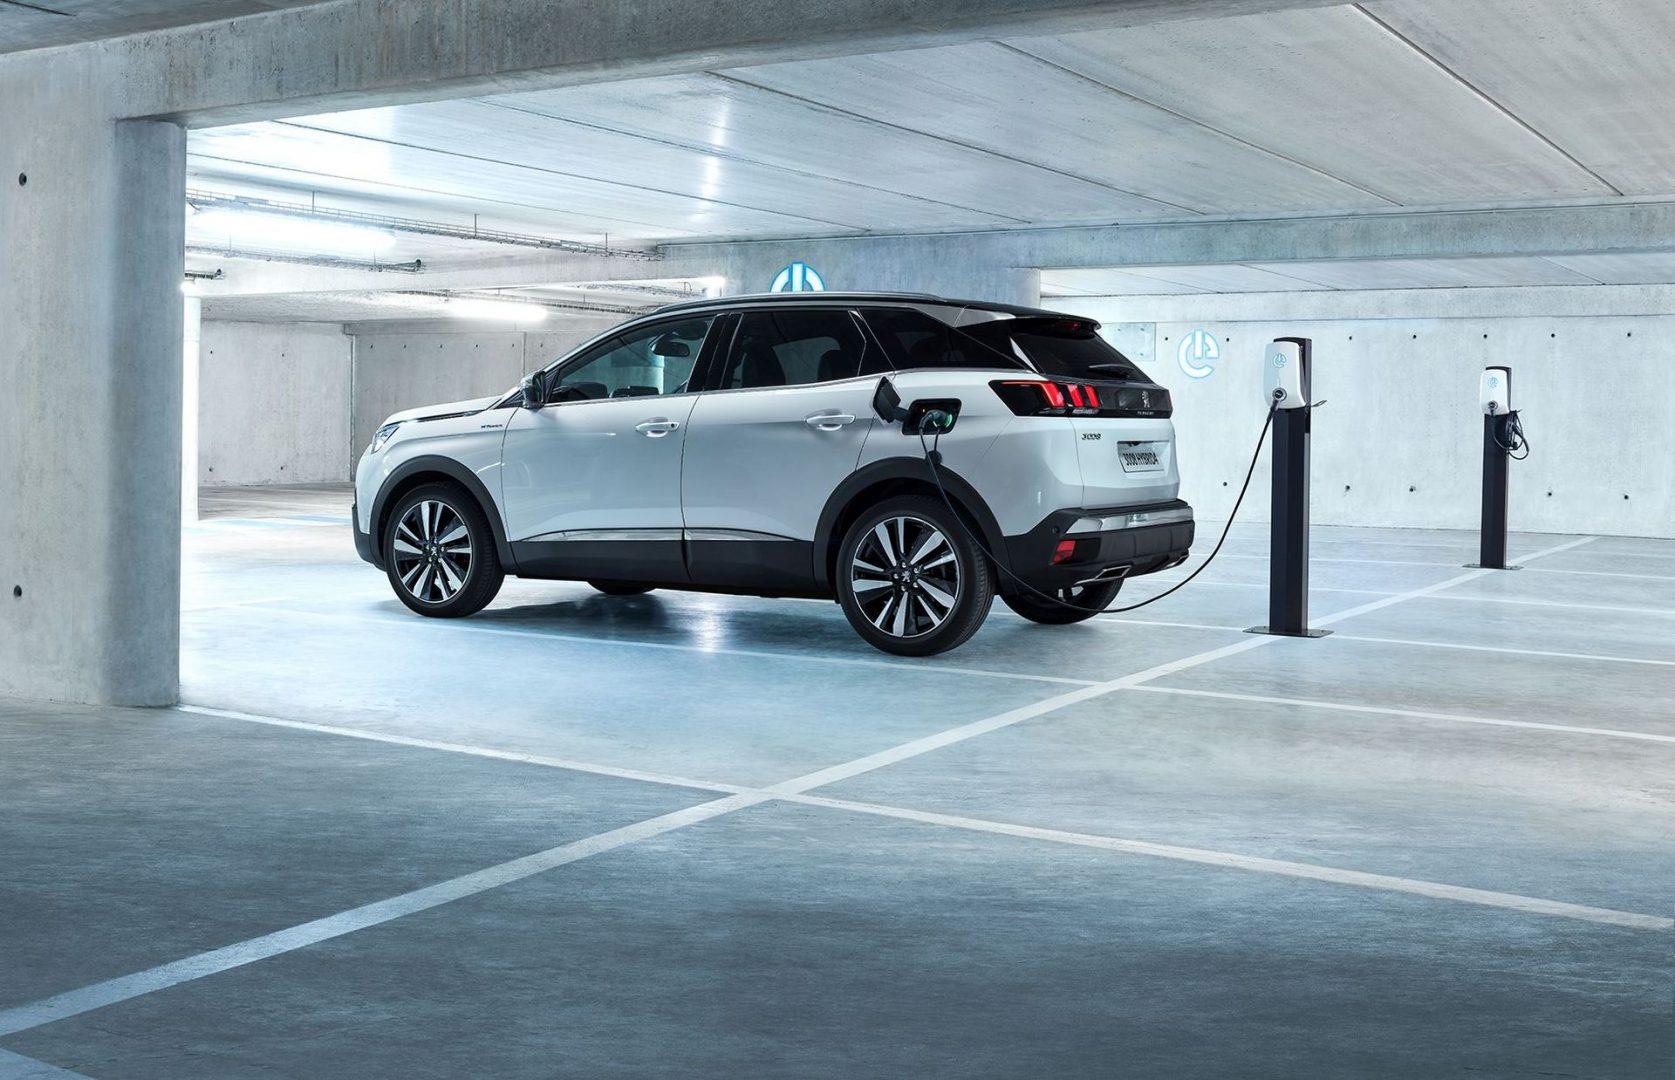 Peugeot 3008, 508 i 508 SW u hibridnoj izvedbi stigli u Hrvatsku, a cijene kreću od 315.000 kuna